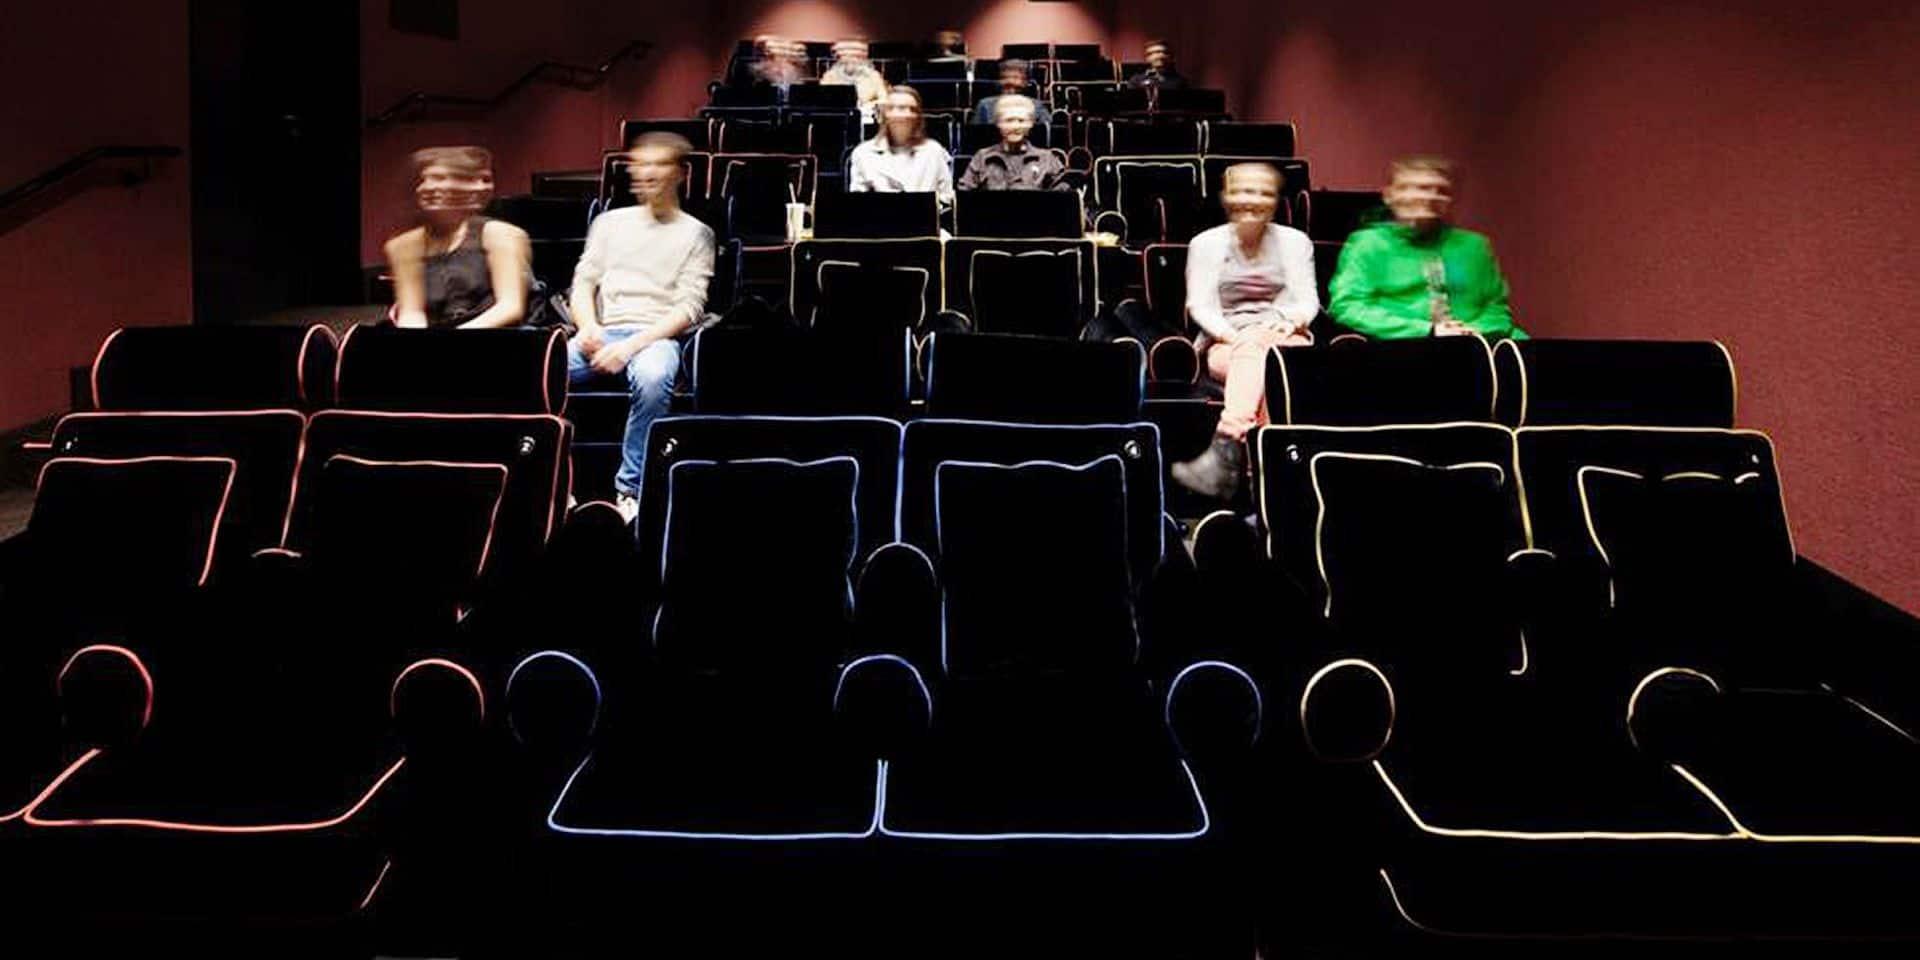 Des lits dans les salles de cinéma